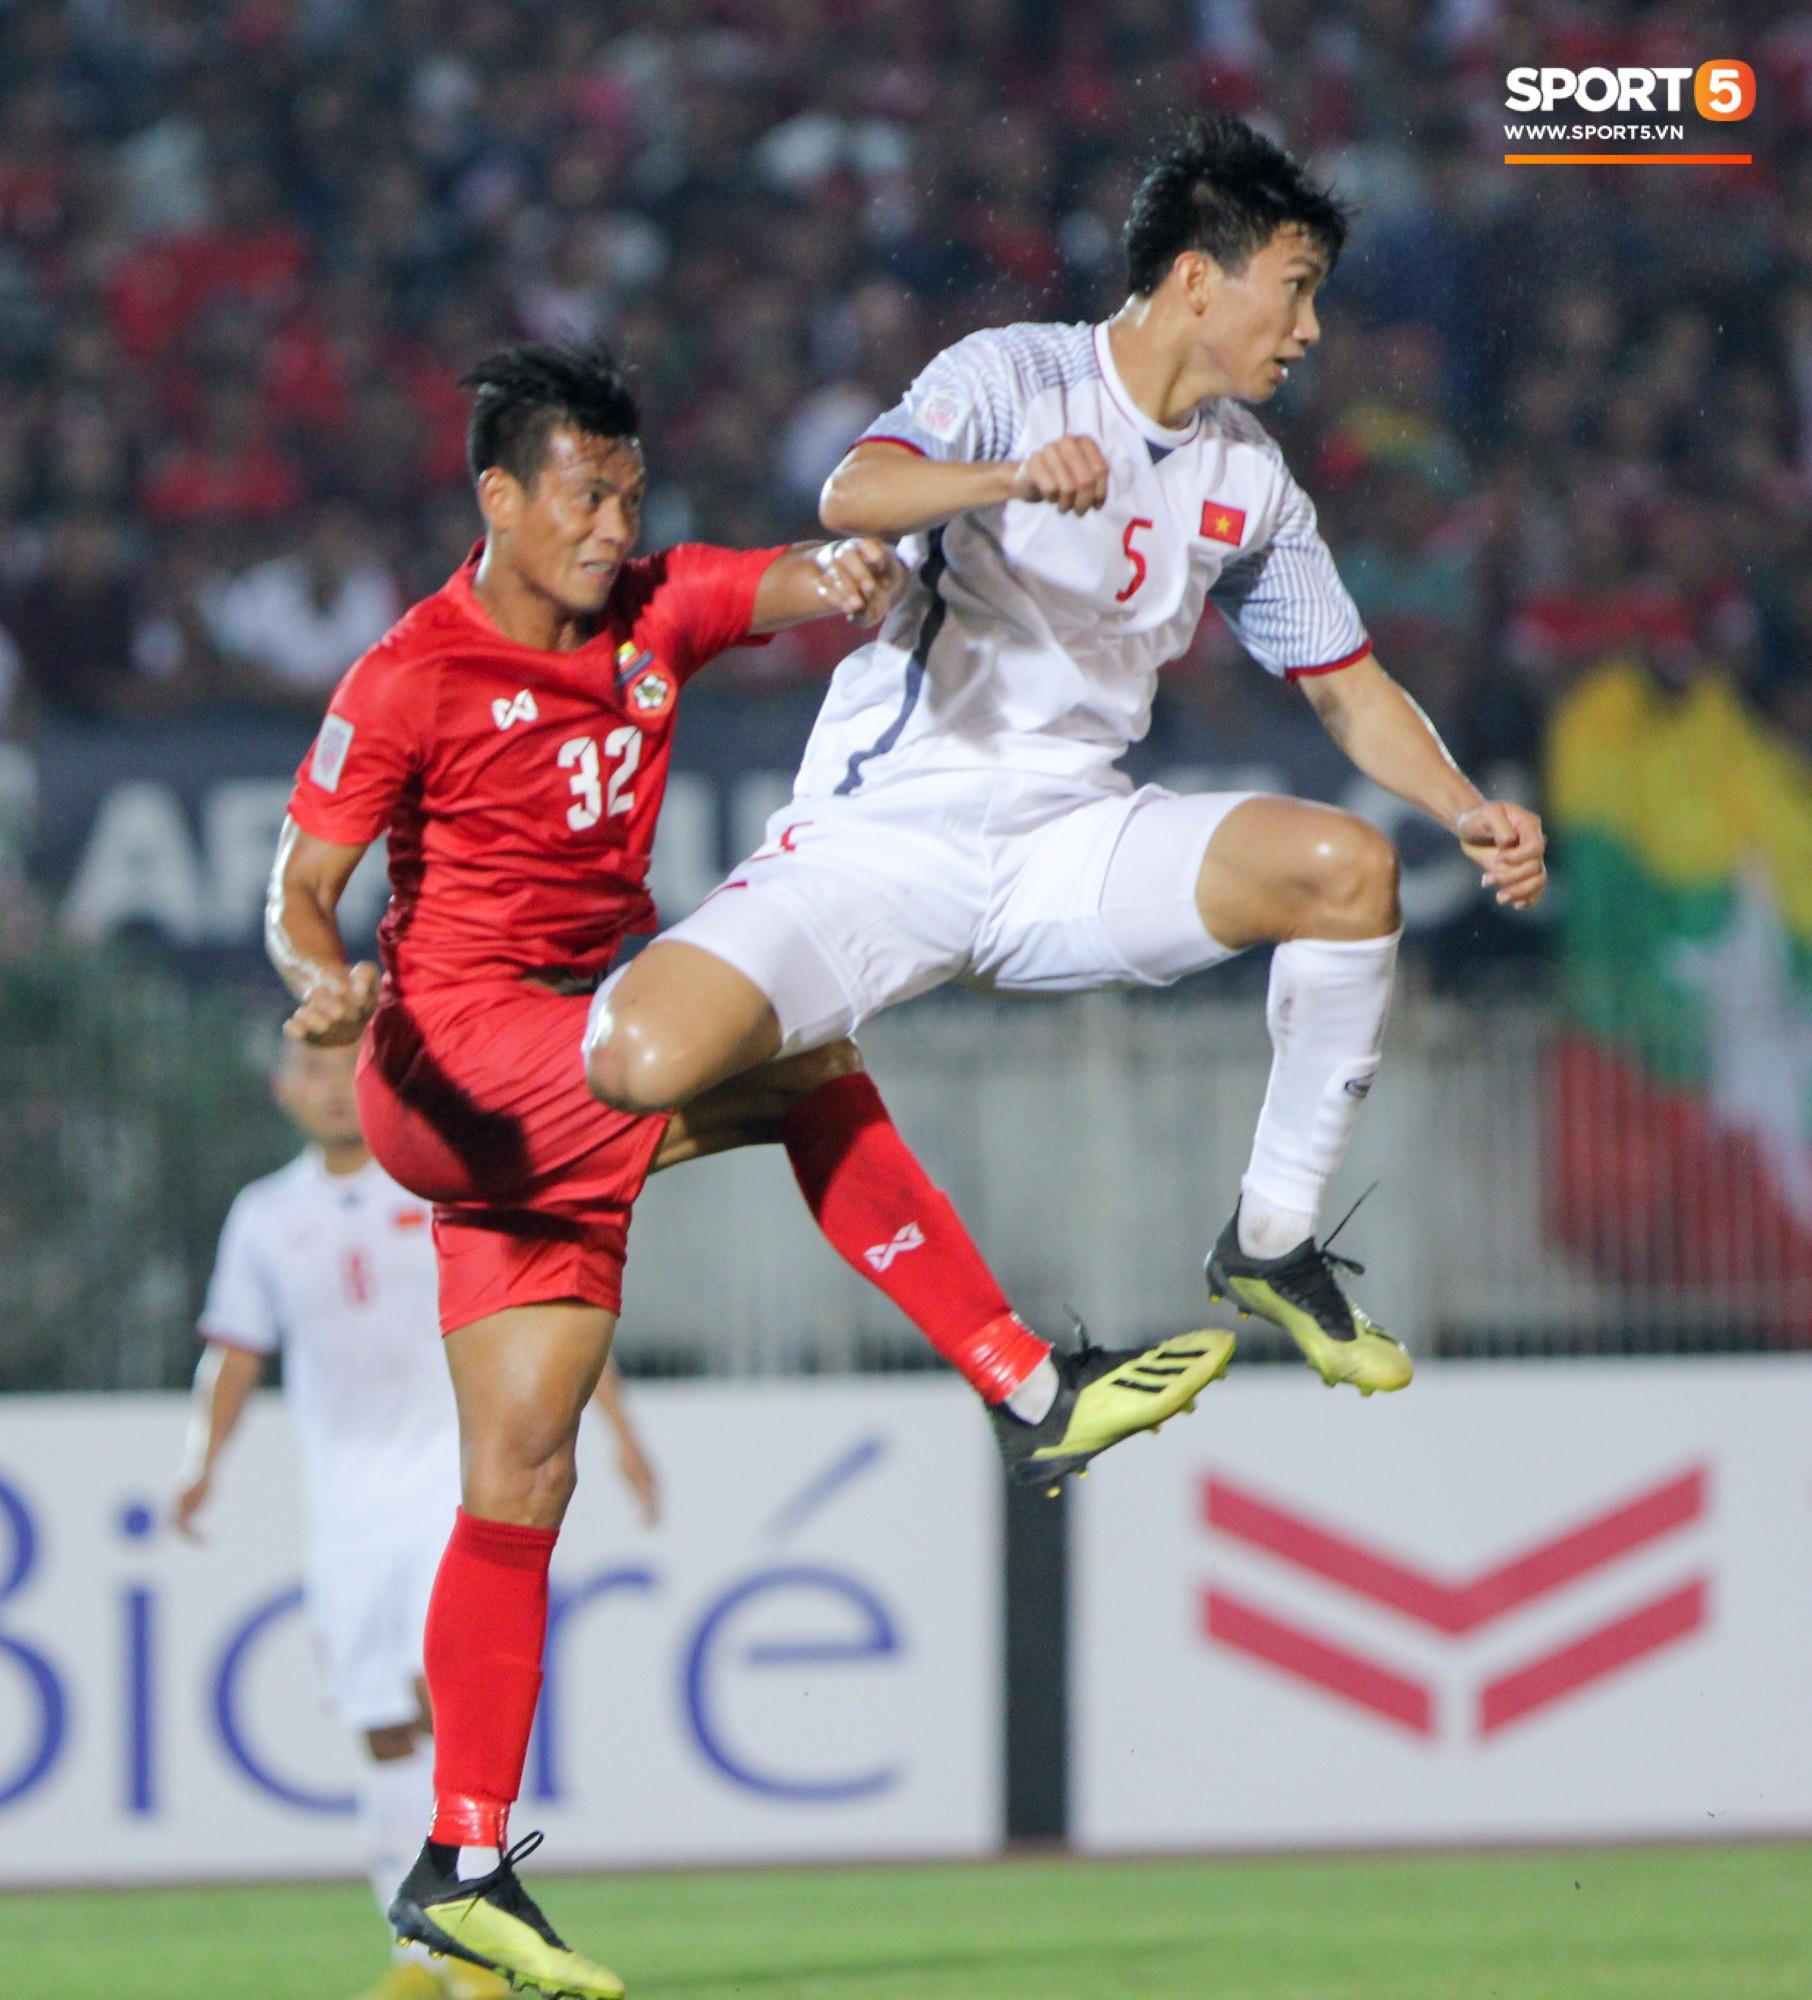 Trận đấu giữa Myanmar và Việt Nam có ý nghĩa quan trọng trong việc phân định suất lọt vào bán kết AFF Cup 2018. Ảnh: Hiếu Lương/Sport5.vn